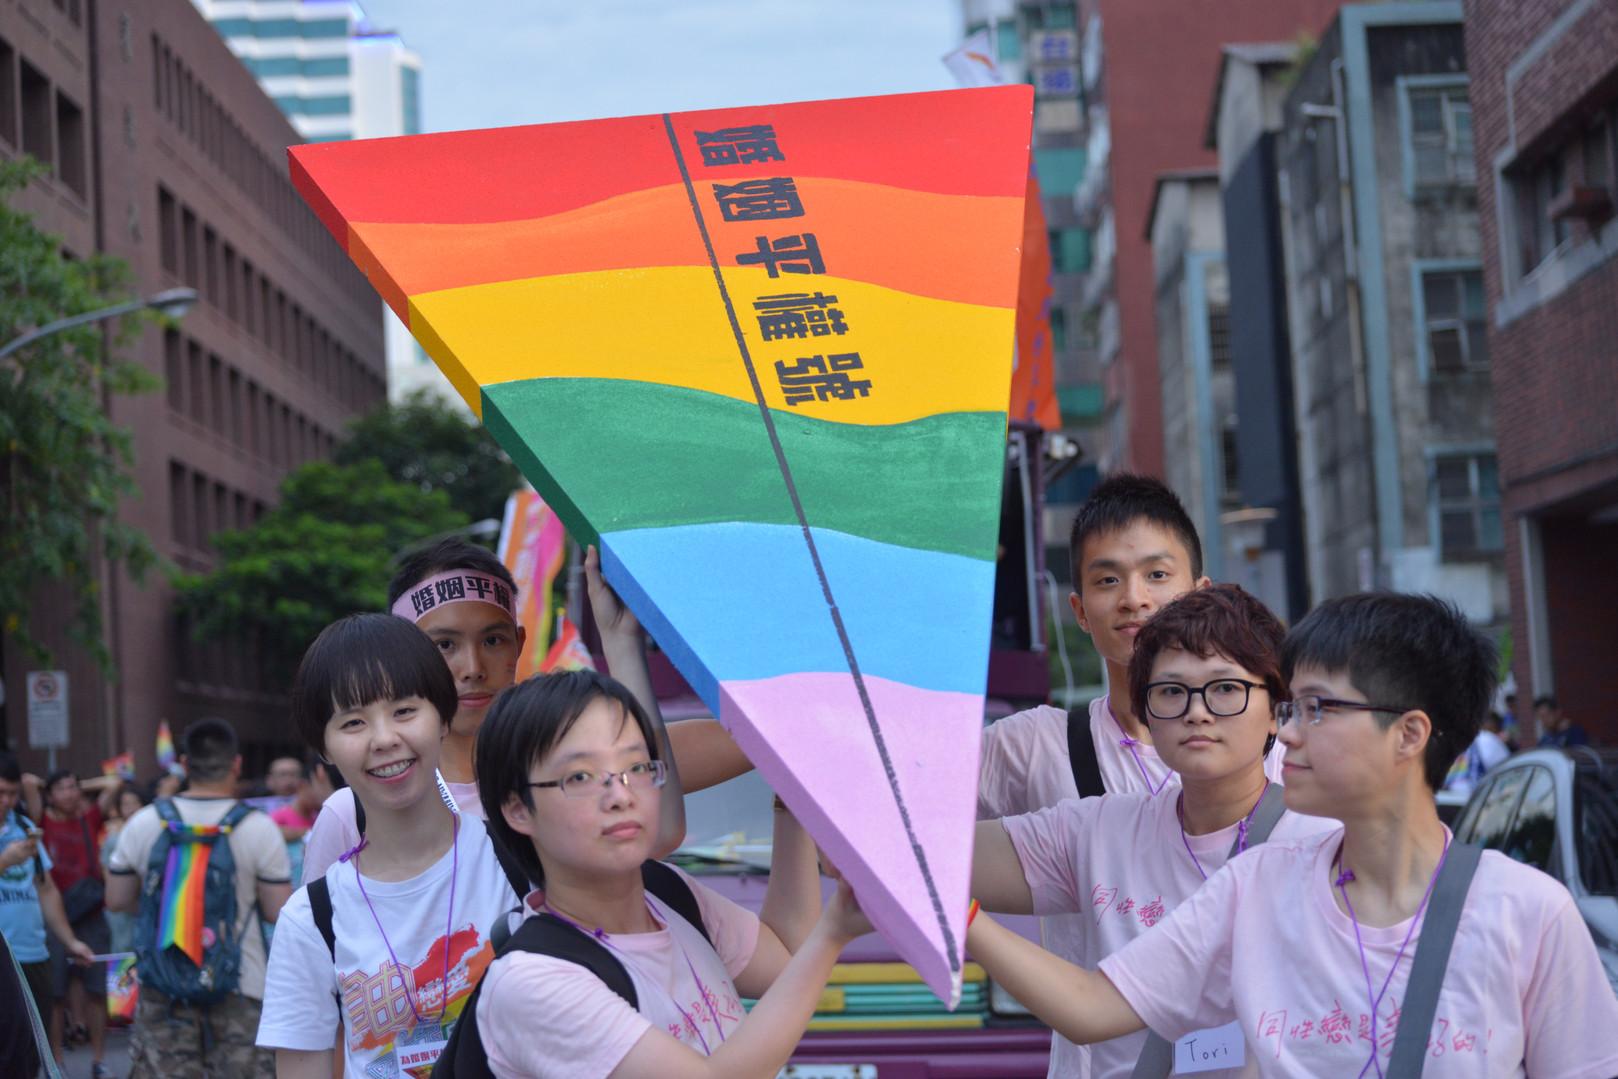 圖說:象徵婚姻平權的「婚姻平權號」彩虹____.JPG